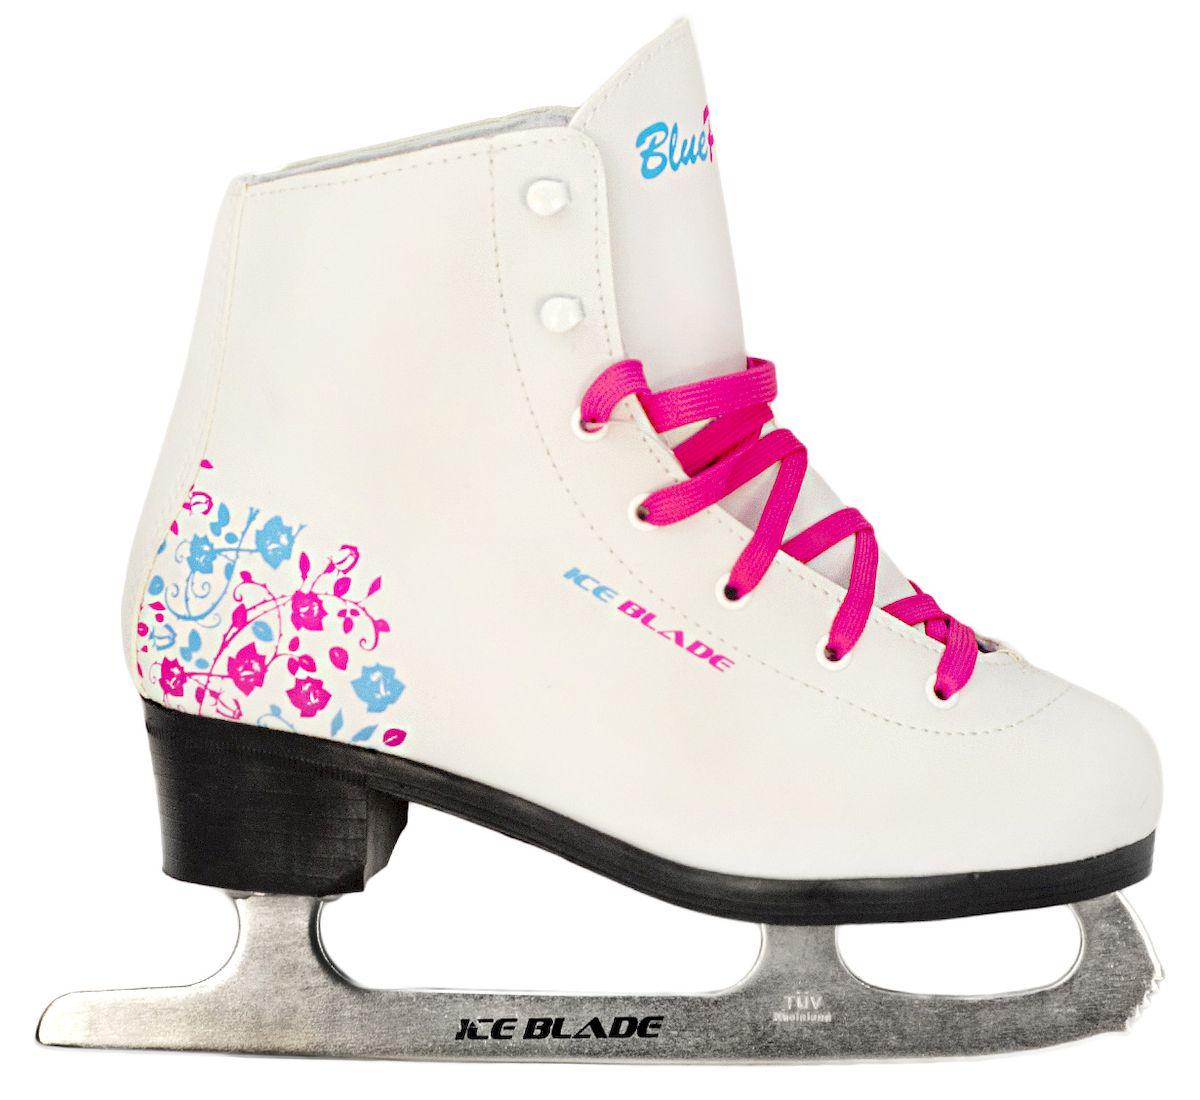 Коньки фигурные Ice Blade BluePink, цвет: белый, розовый, голубой. УТ-00006869. Размер 37